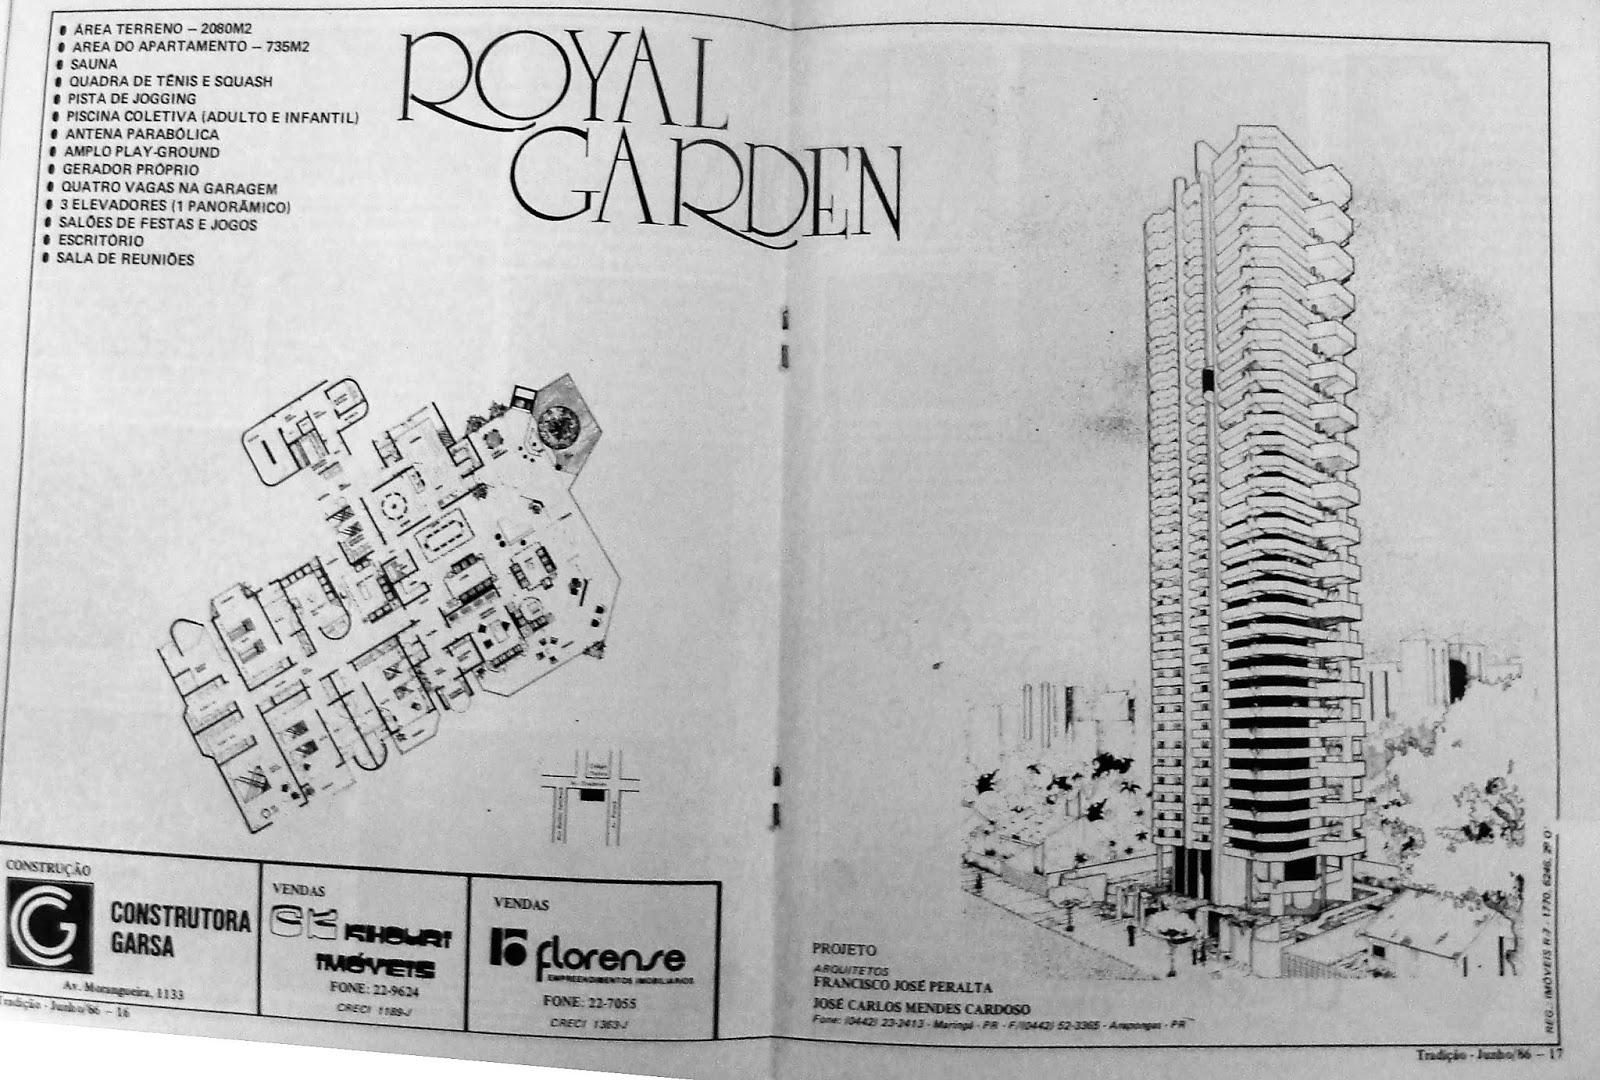 Anúncio do Edifício Royal Garden - 1986